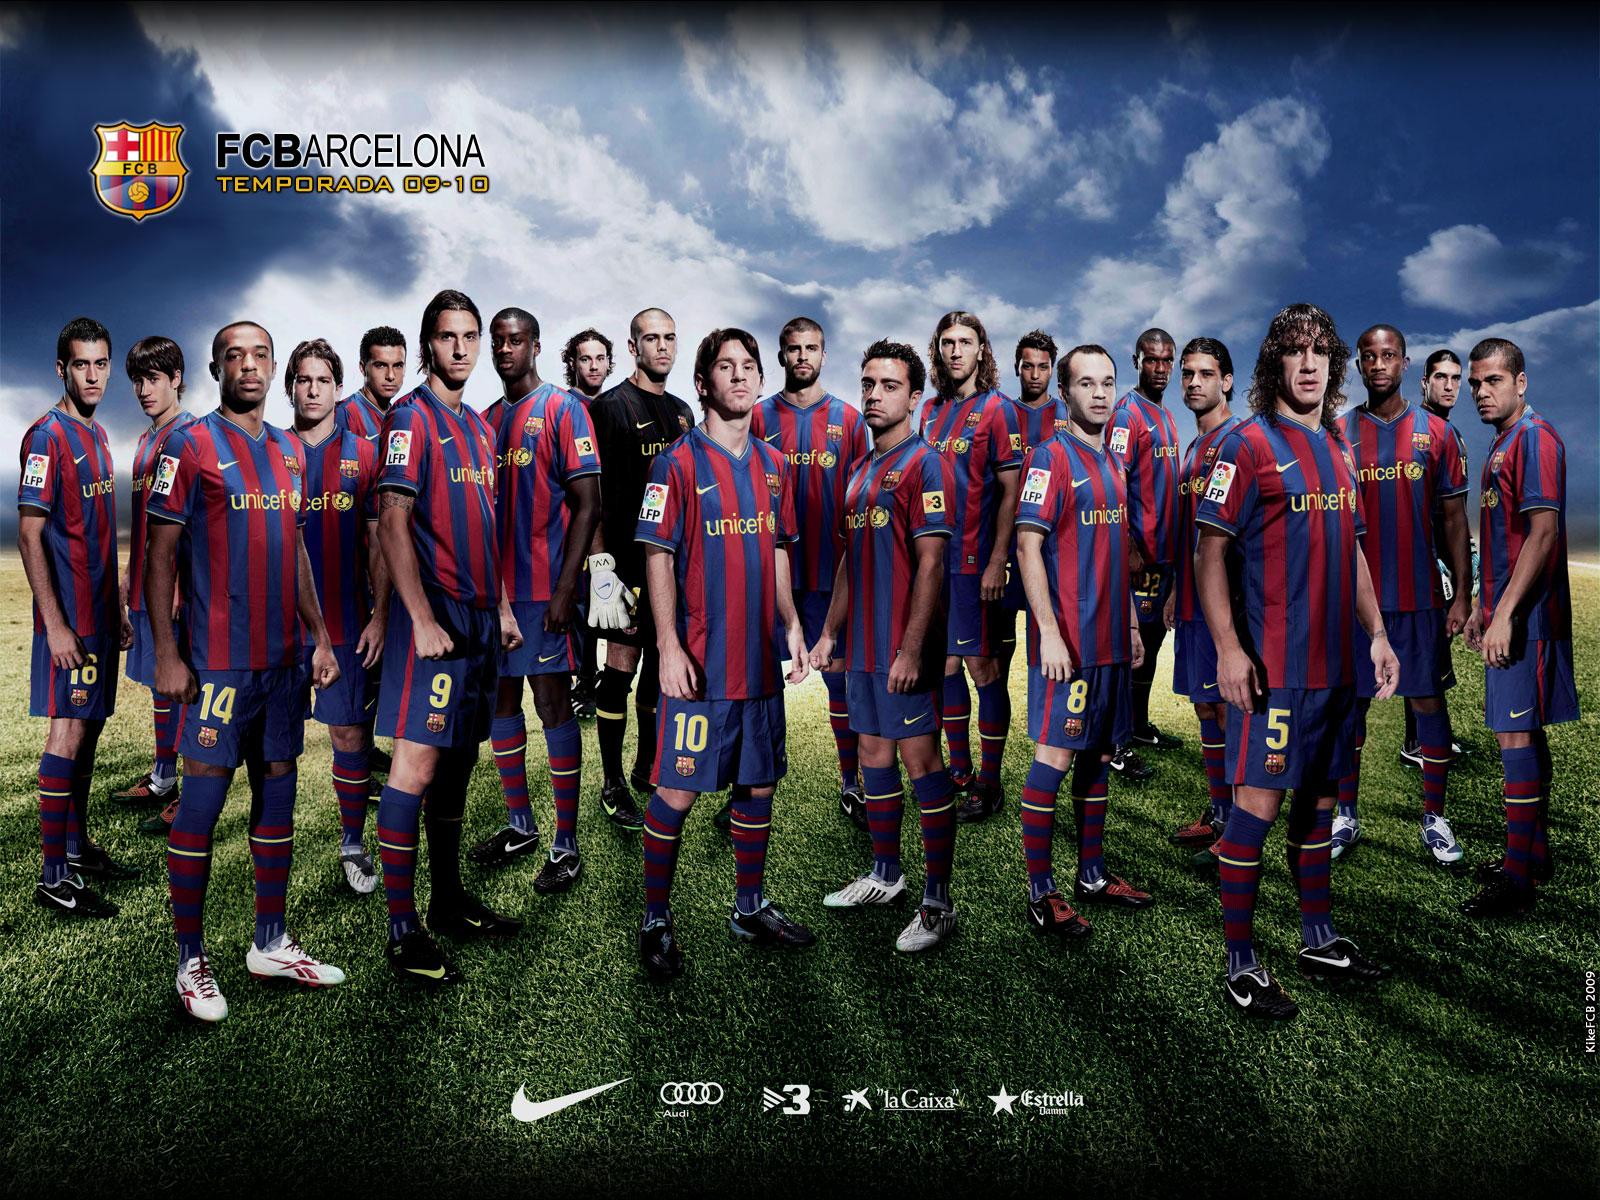 http://4.bp.blogspot.com/-9GYwTuF4sQk/T2sXvPeRYDI/AAAAAAAAAKw/cpNIdmWK2UE/s1600/Barcelona%252BWallpaper%252B2010-2011.jpg